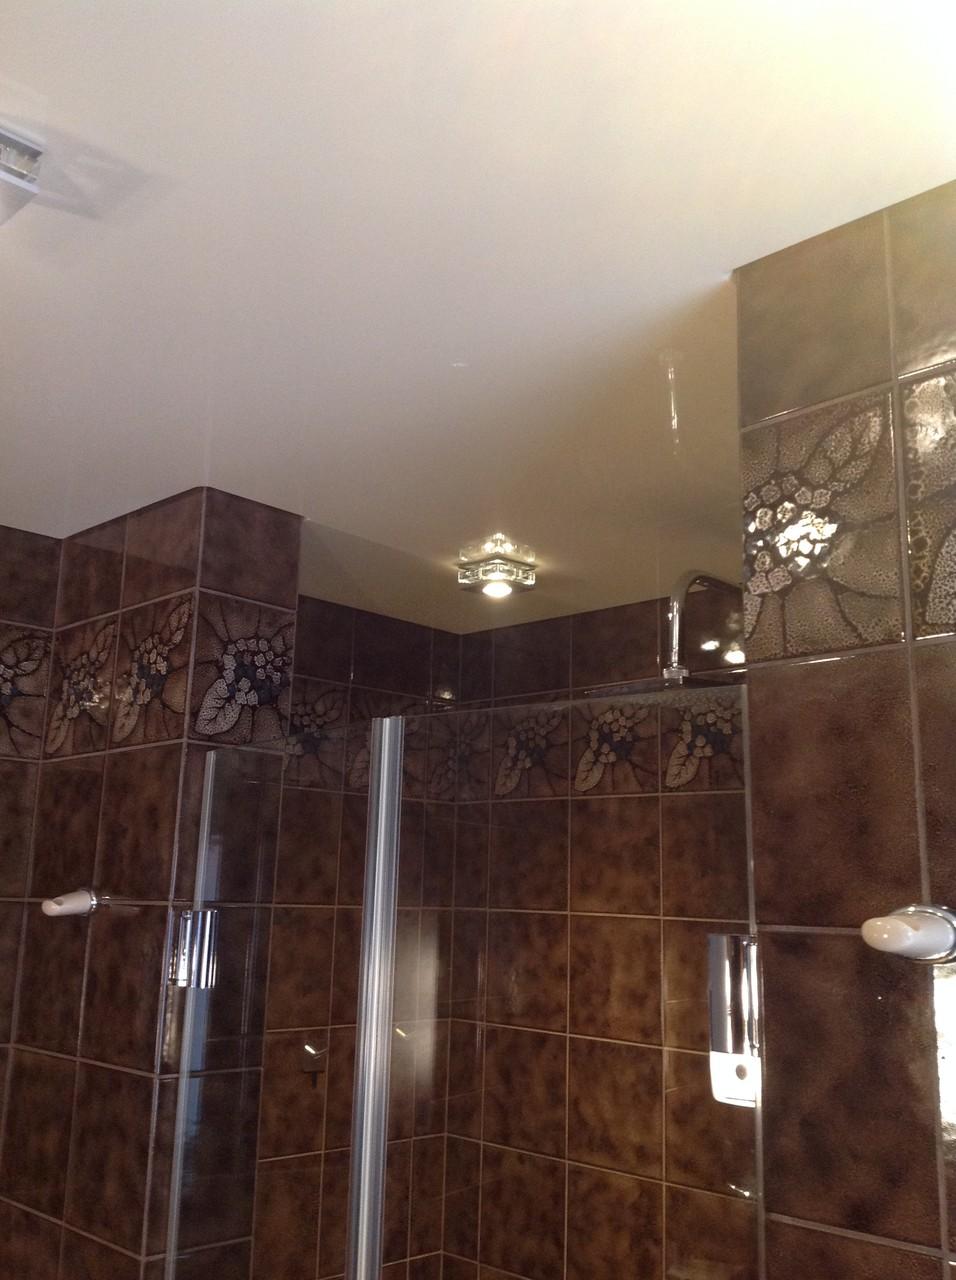 Spanndecke vanille glänzend Badezimmer Unna